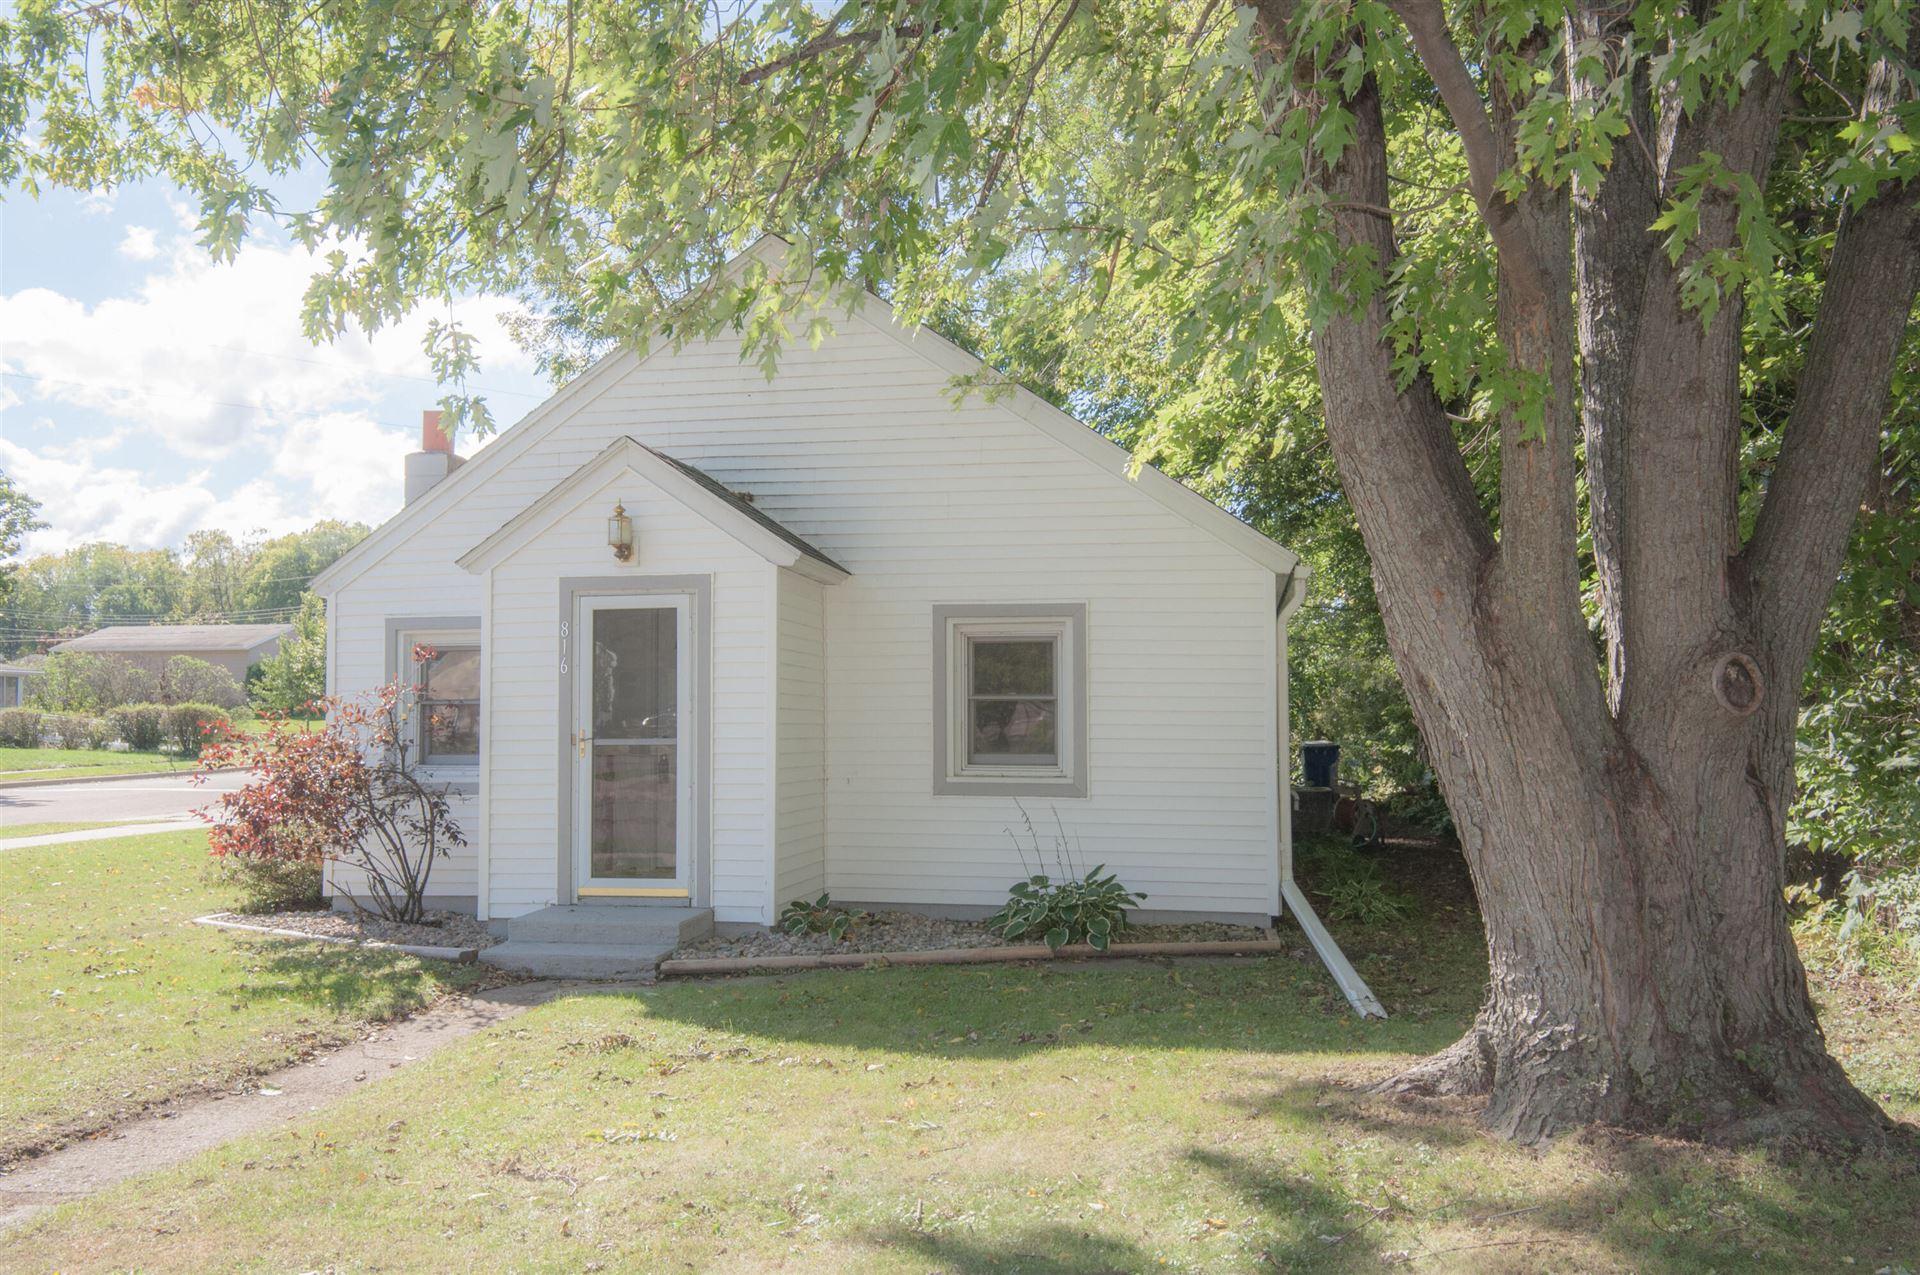 816 Green St, Onalaska, WI 54650 - MLS#: 1764886